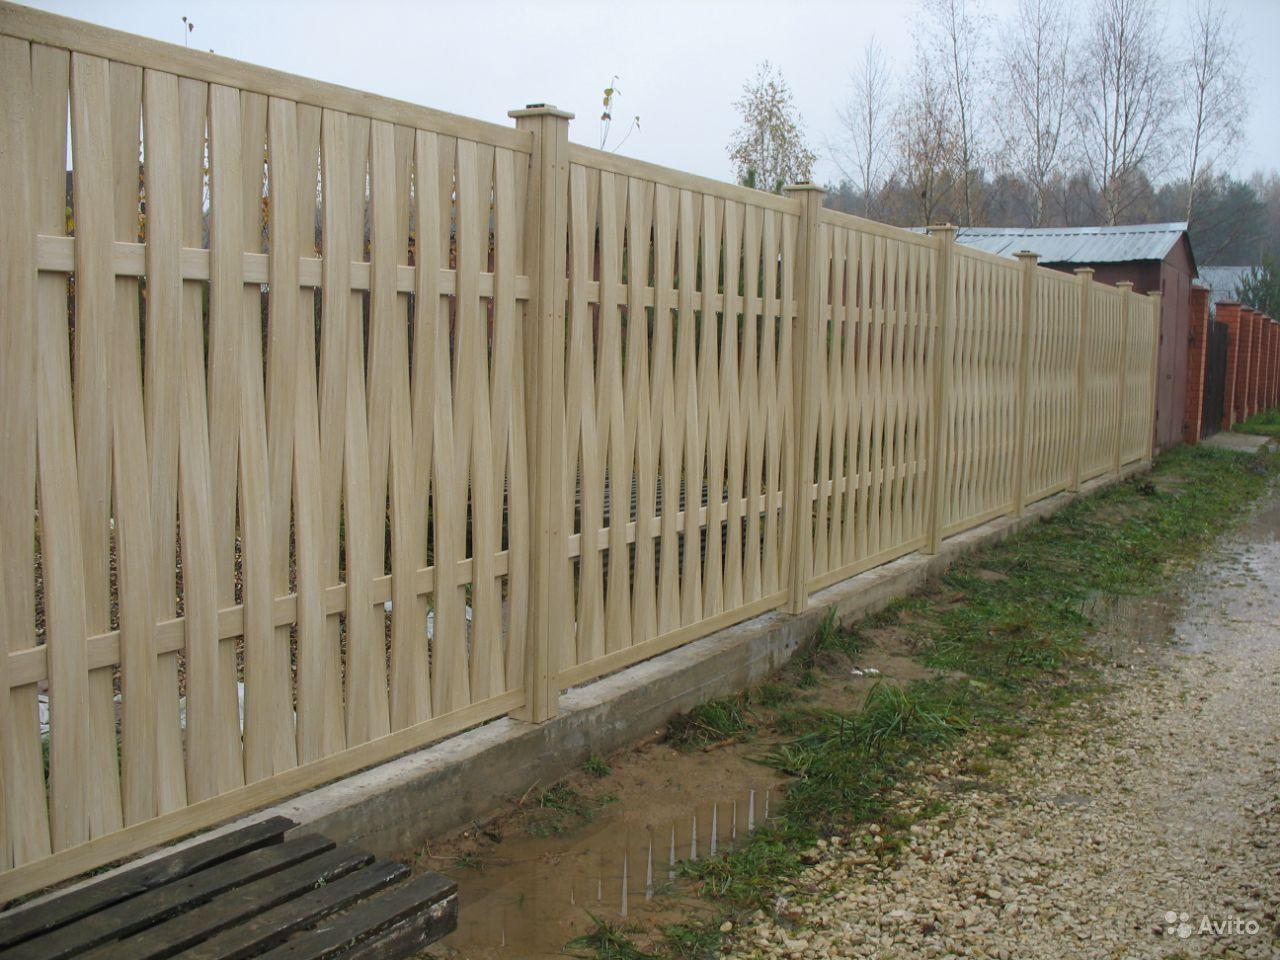 Оригинальный забор для дачи своими руками фото